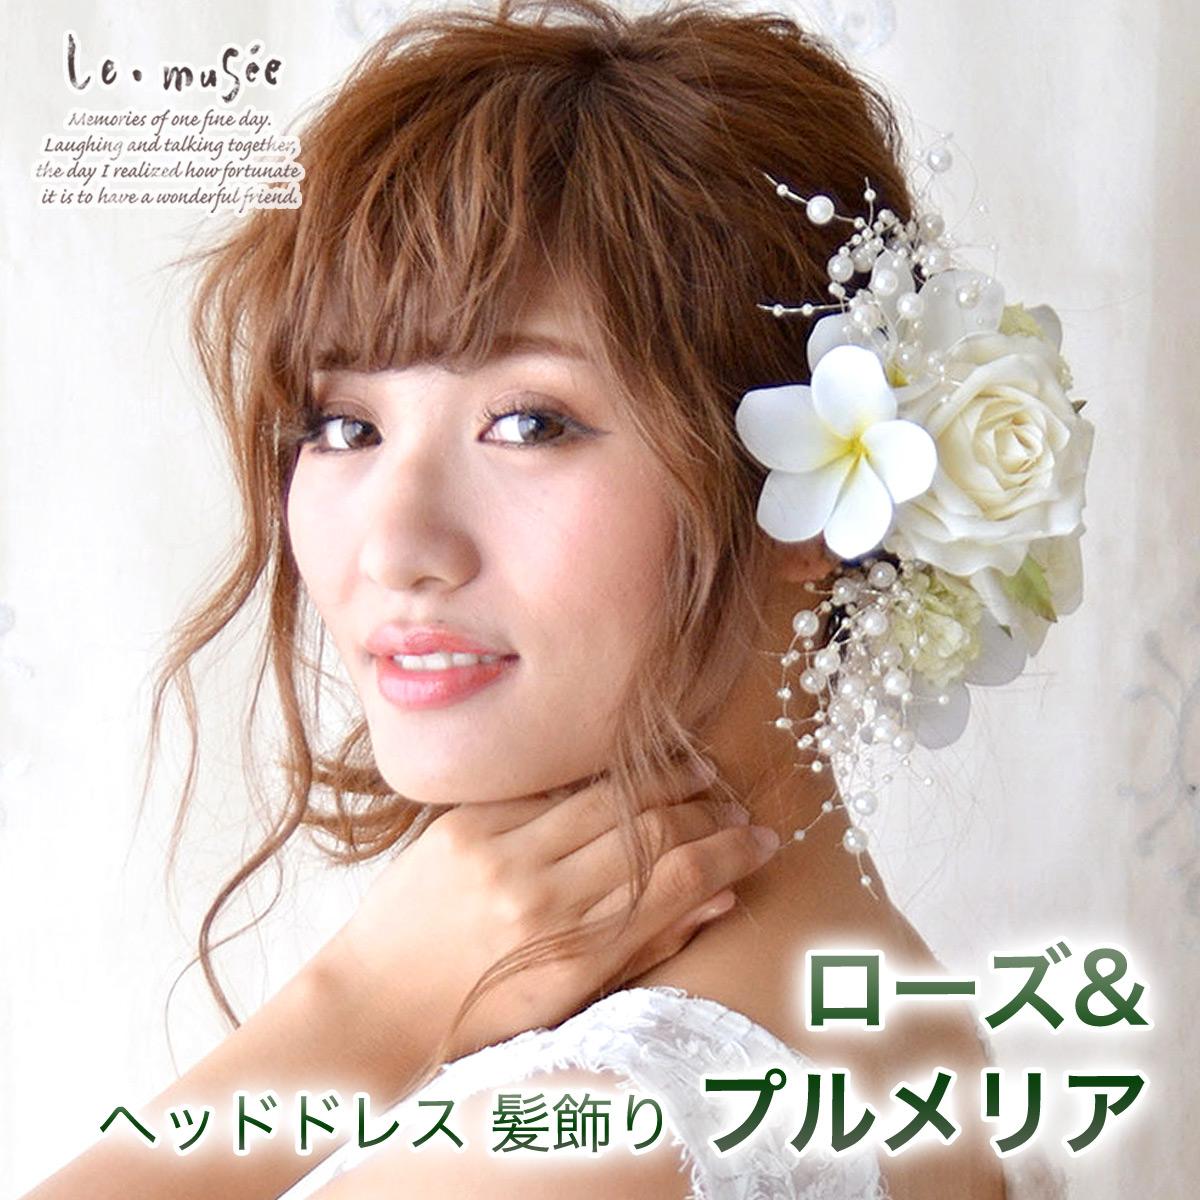 ヘッドドレス(髪飾り)【シルクフラワー】ローズ&プルメリア